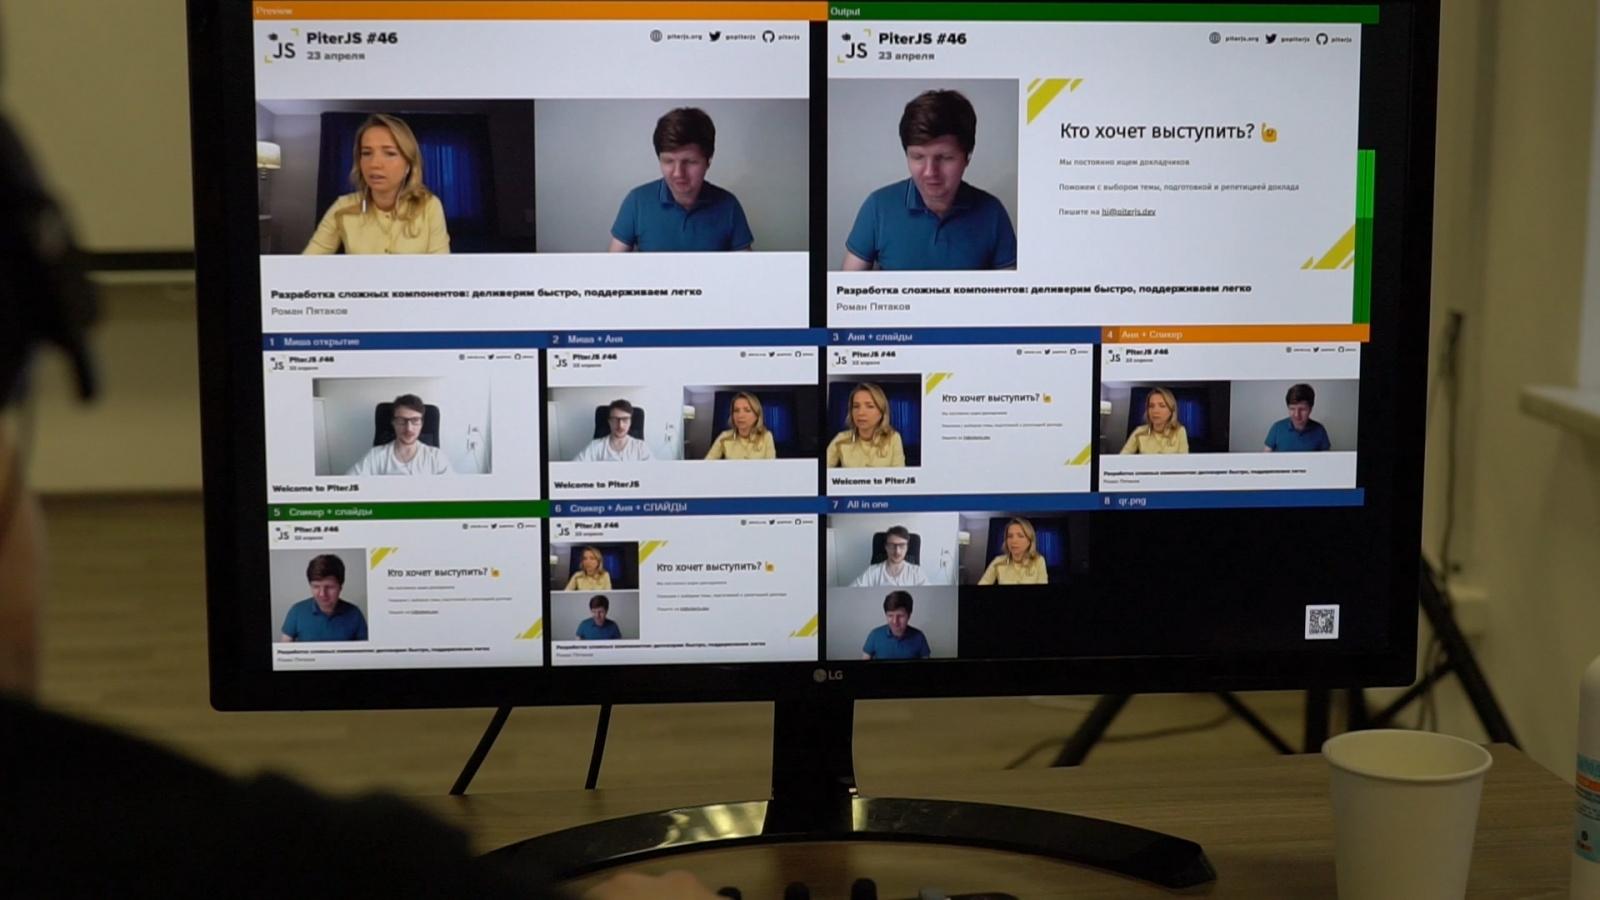 Пультовая Всевластья. Как устроен стриминг на онлайн-конференциях JUG Ru Group - 10